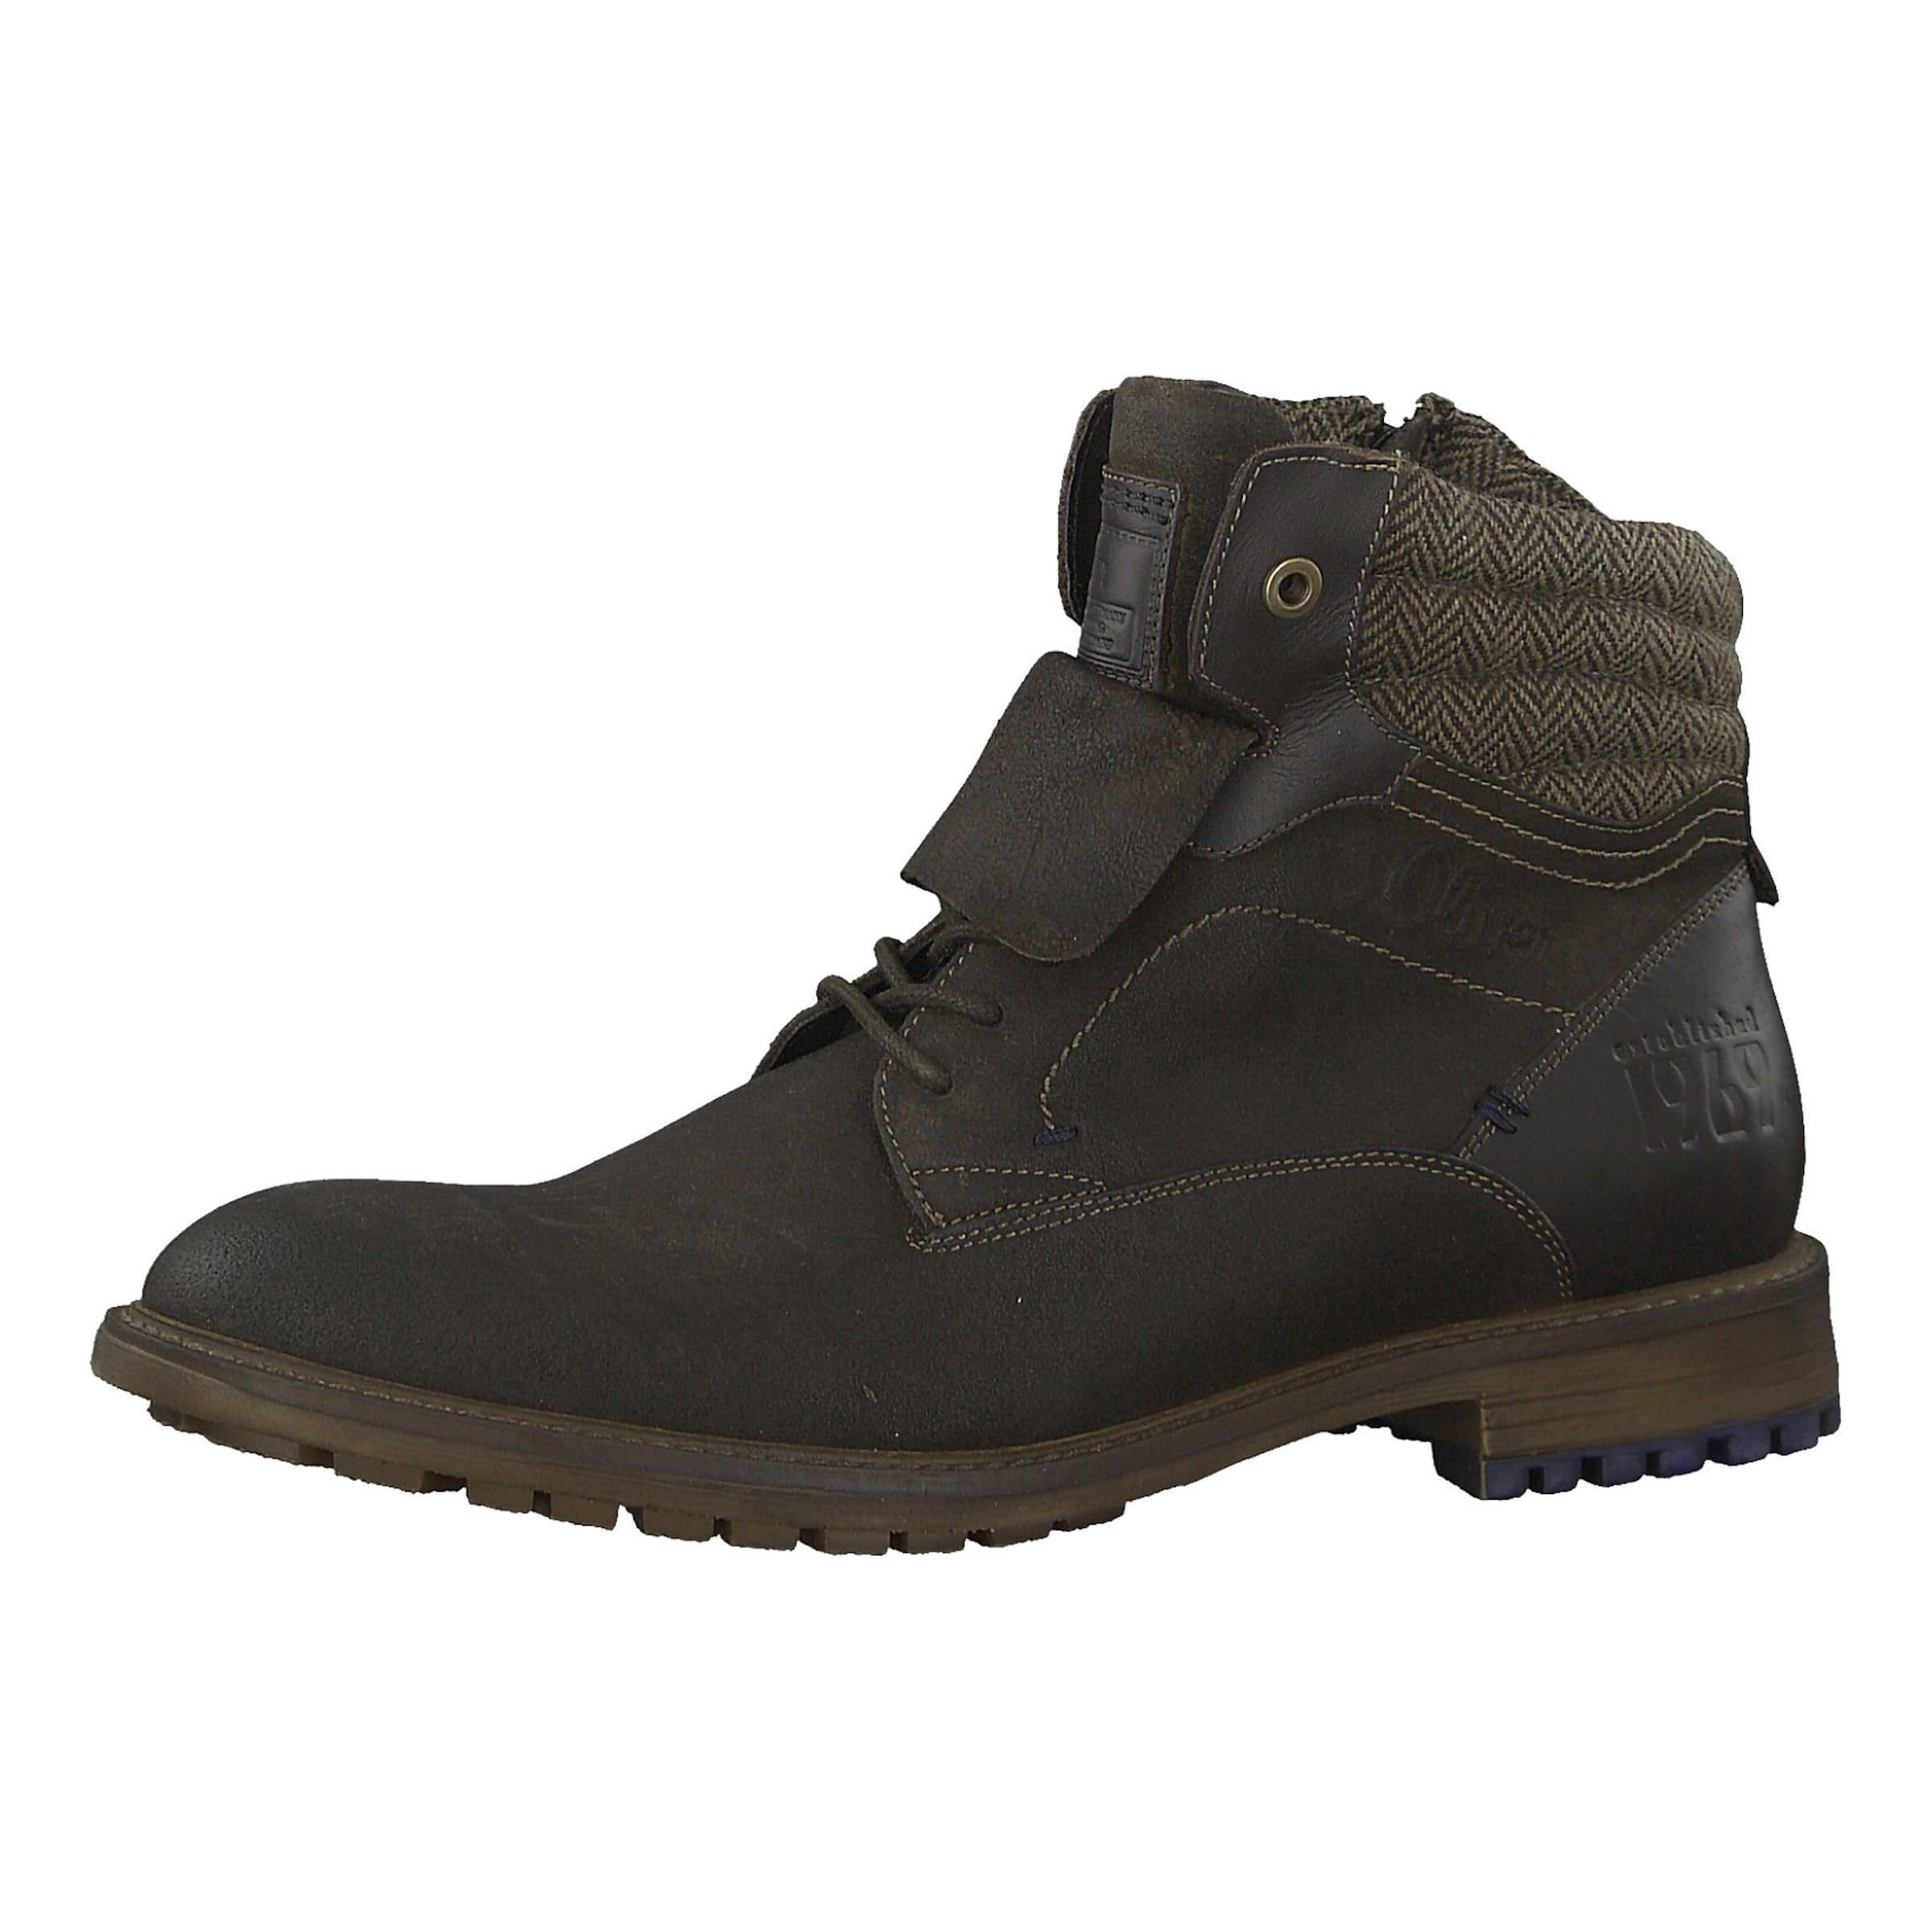 s.Oliver RED LABEL | Stiefel & Stiefeletten Schuhe Gut getragene Schuhe